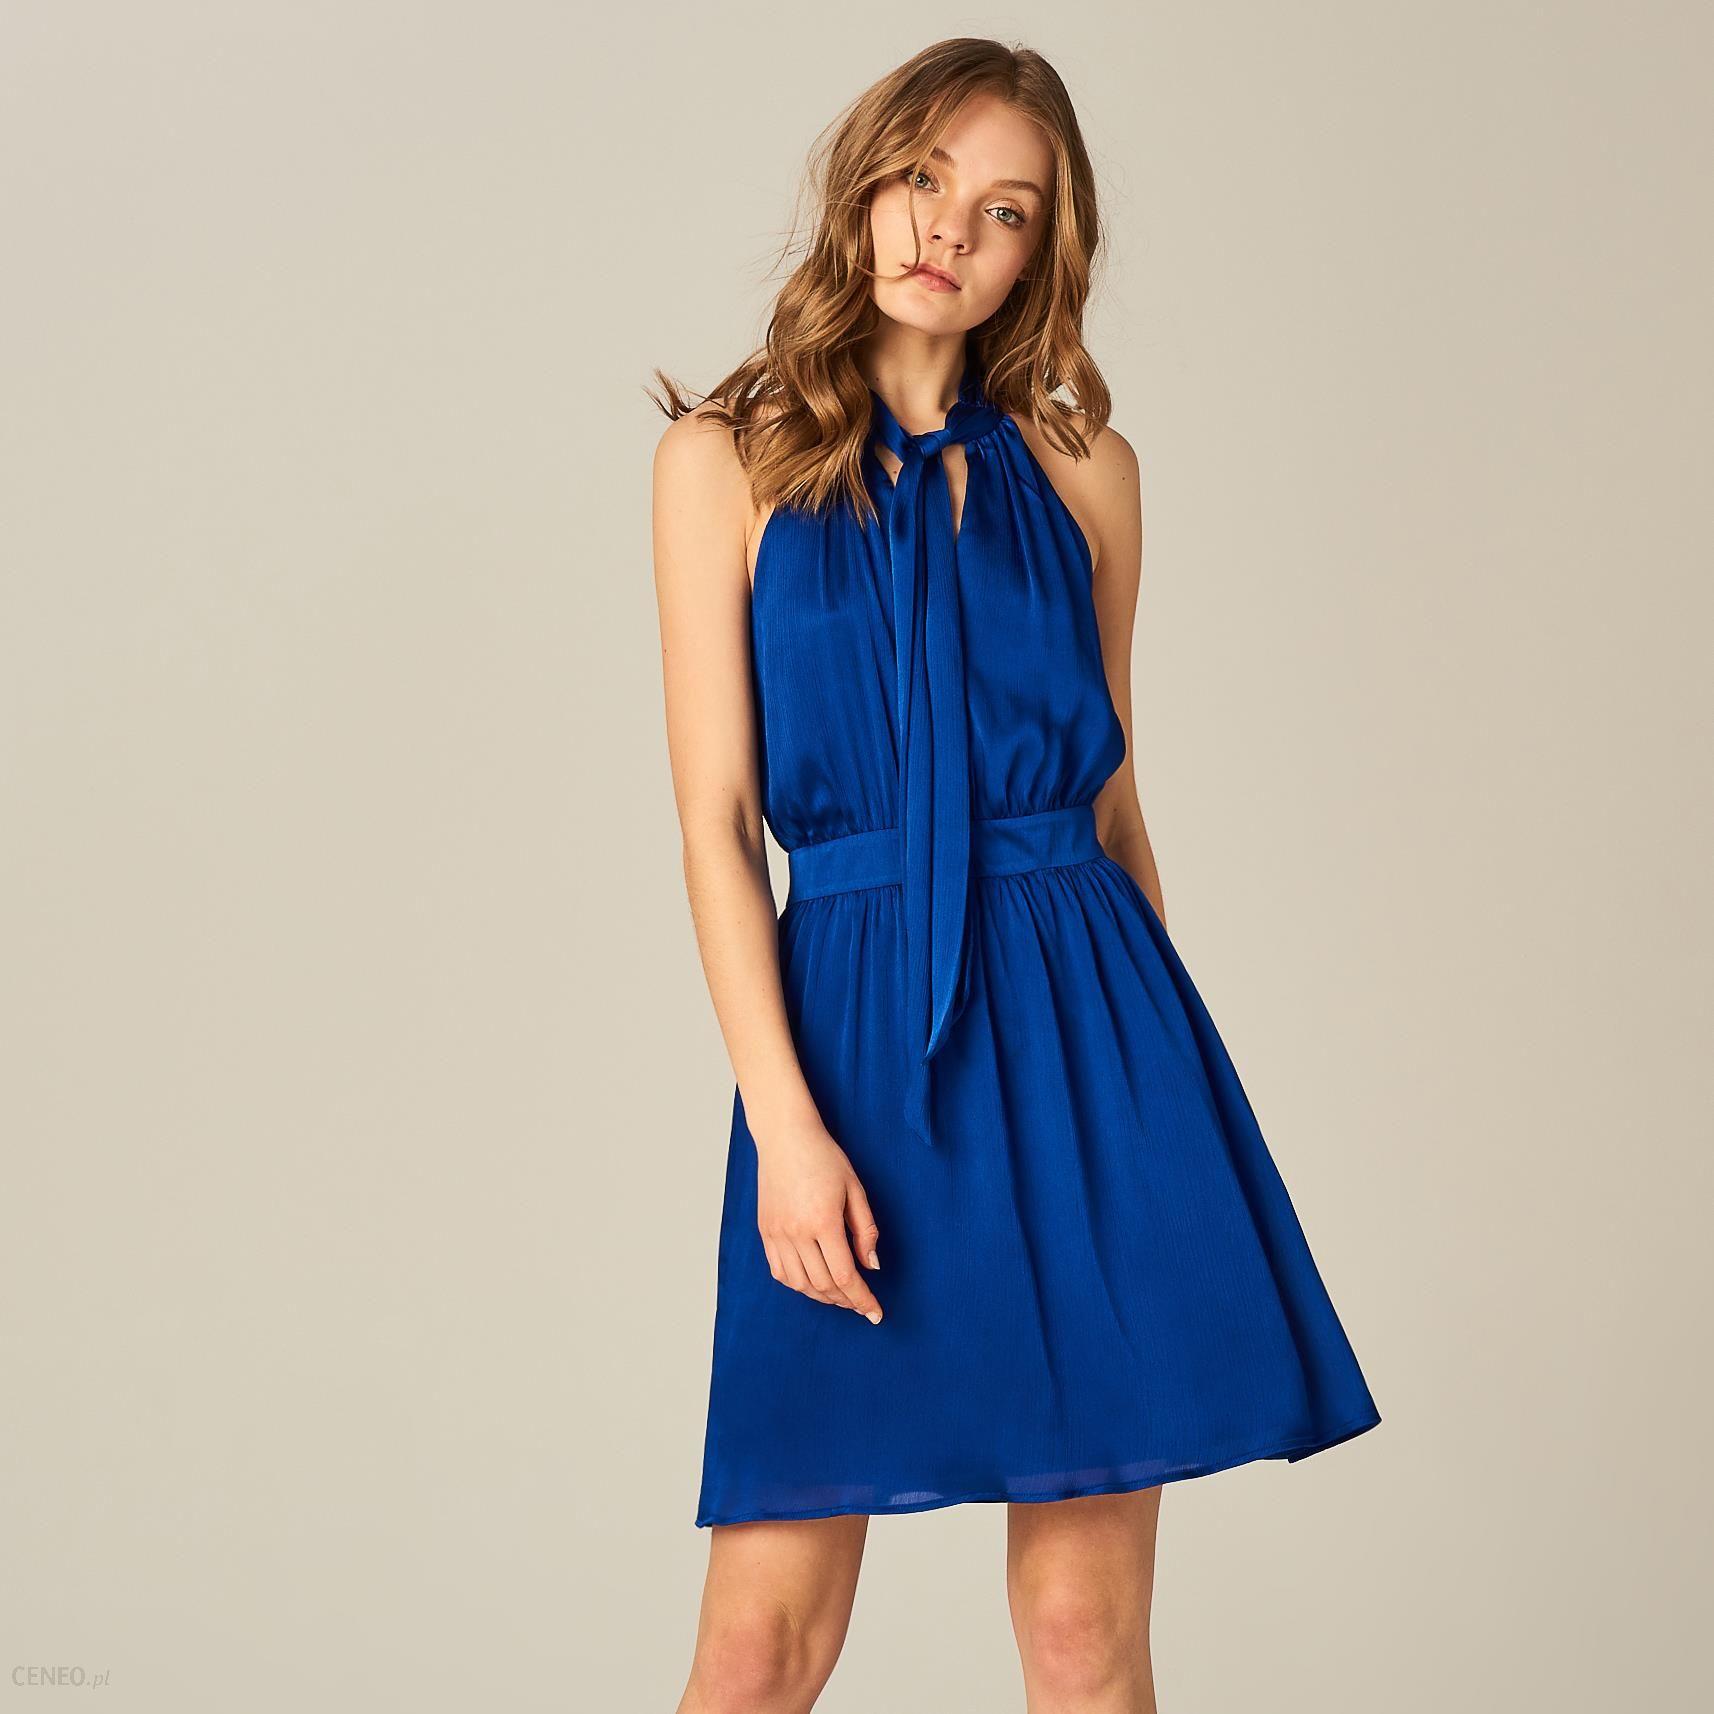 f38fad8896 Mohito - Szyfonowa sukienka z wiązaniem przy dekolcie - Niebieski - zdjęcie  1